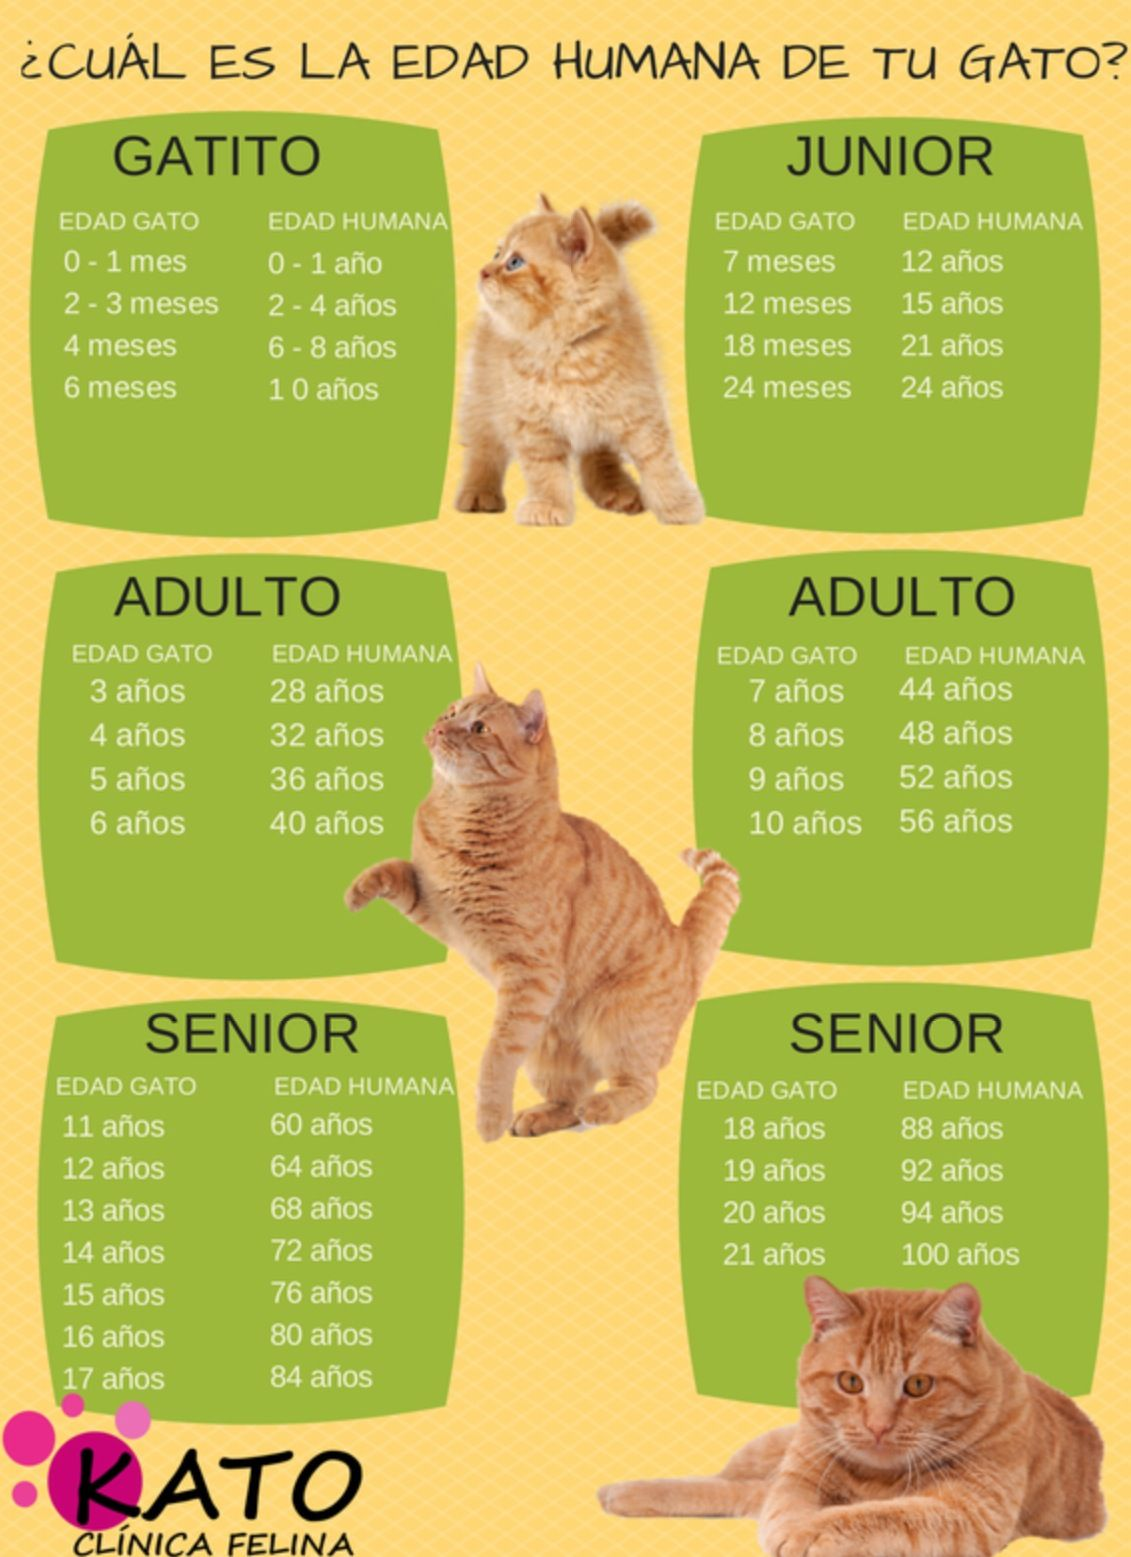 Quieres saber cuantos años humanos tiene tu gato? Echa un vistazo a ...